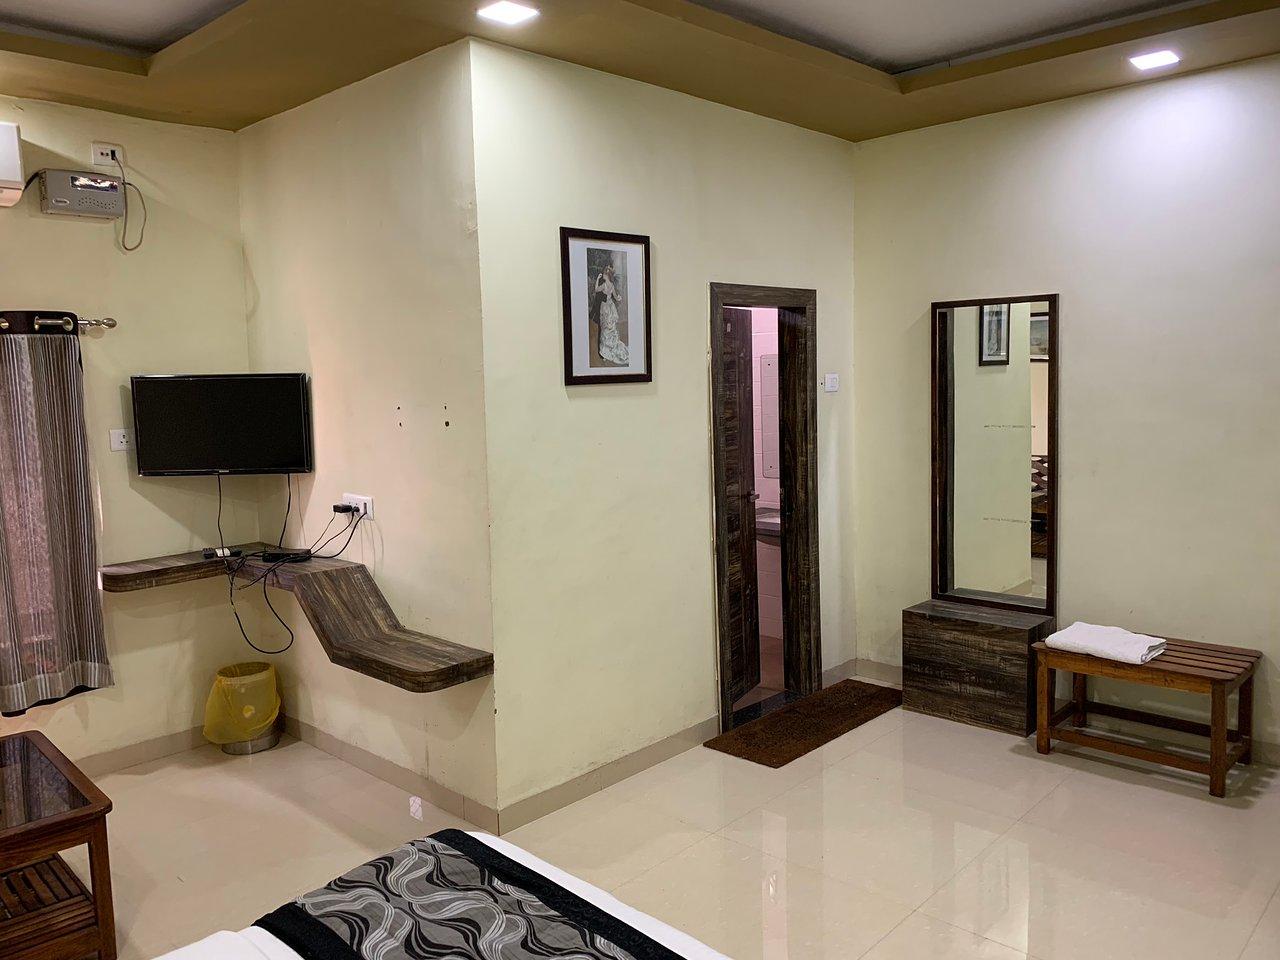 HOTEL SHEHNAI GARDEN (Khurai) - Hostel Reviews, Photos, Rate